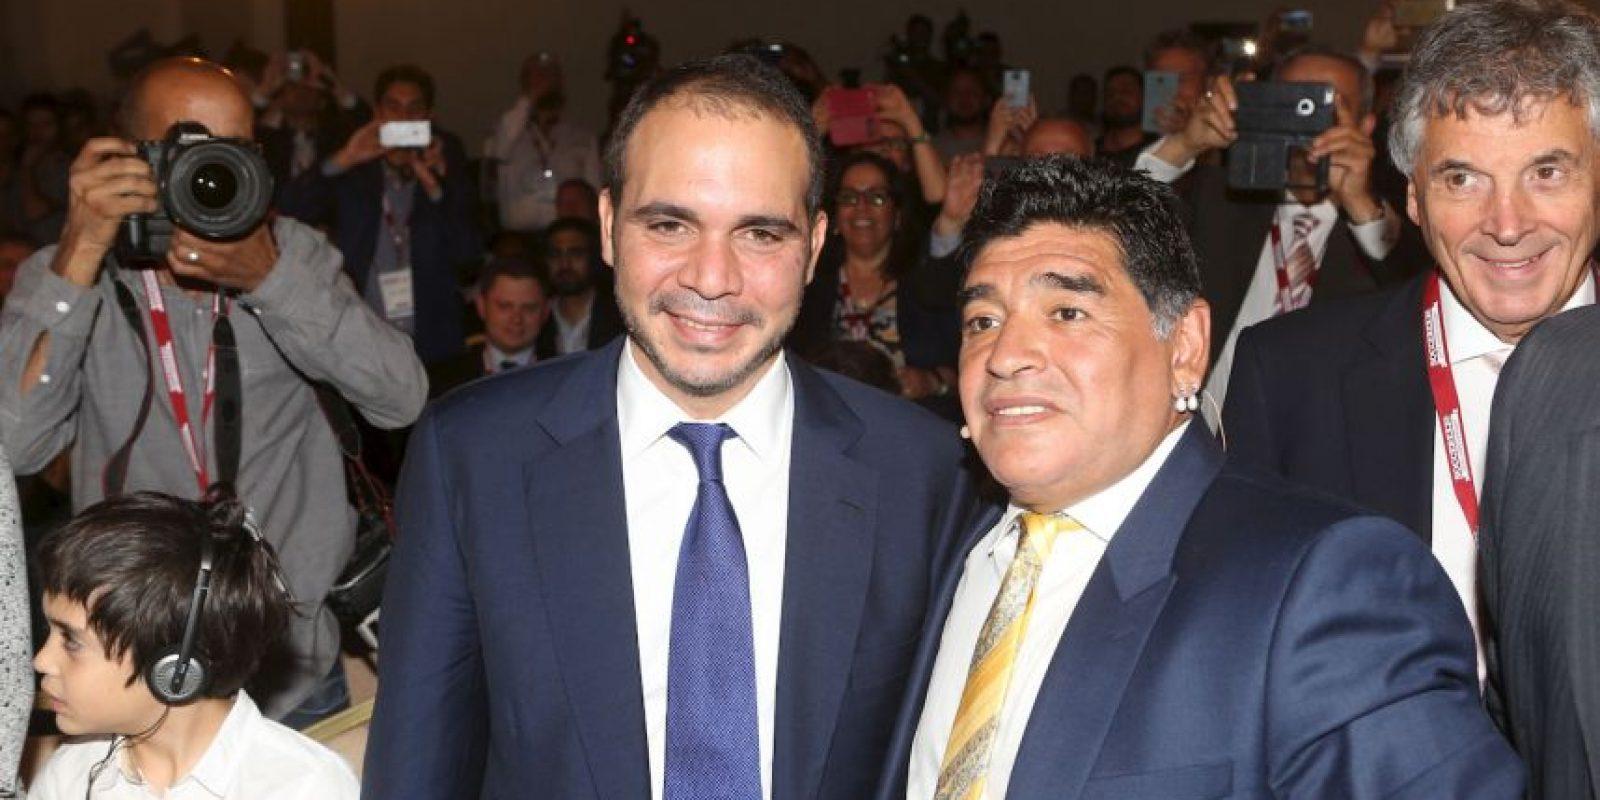 Maradona fue uno de los principales promotores de la candidatura del príncipe de Jordania, Ali Bin Al Hussein, a la presidencia de la FIFA, aunque este fue derrotado por Joseph Blatter en las elecciones del pasado 29 de mayo. Foto:Getty Images